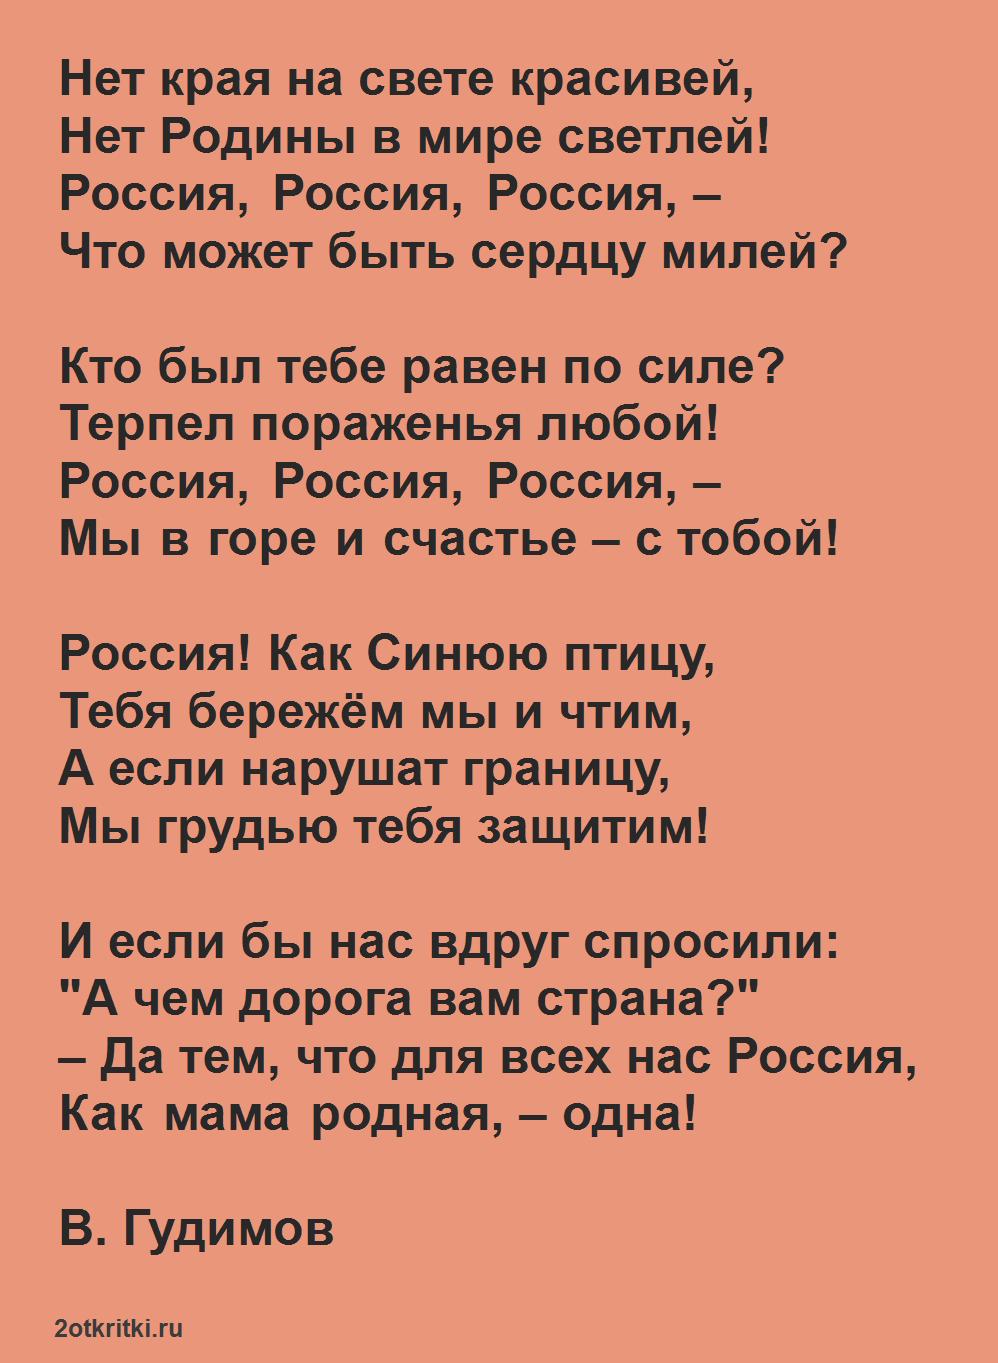 Стихи о дне России - 12 июня